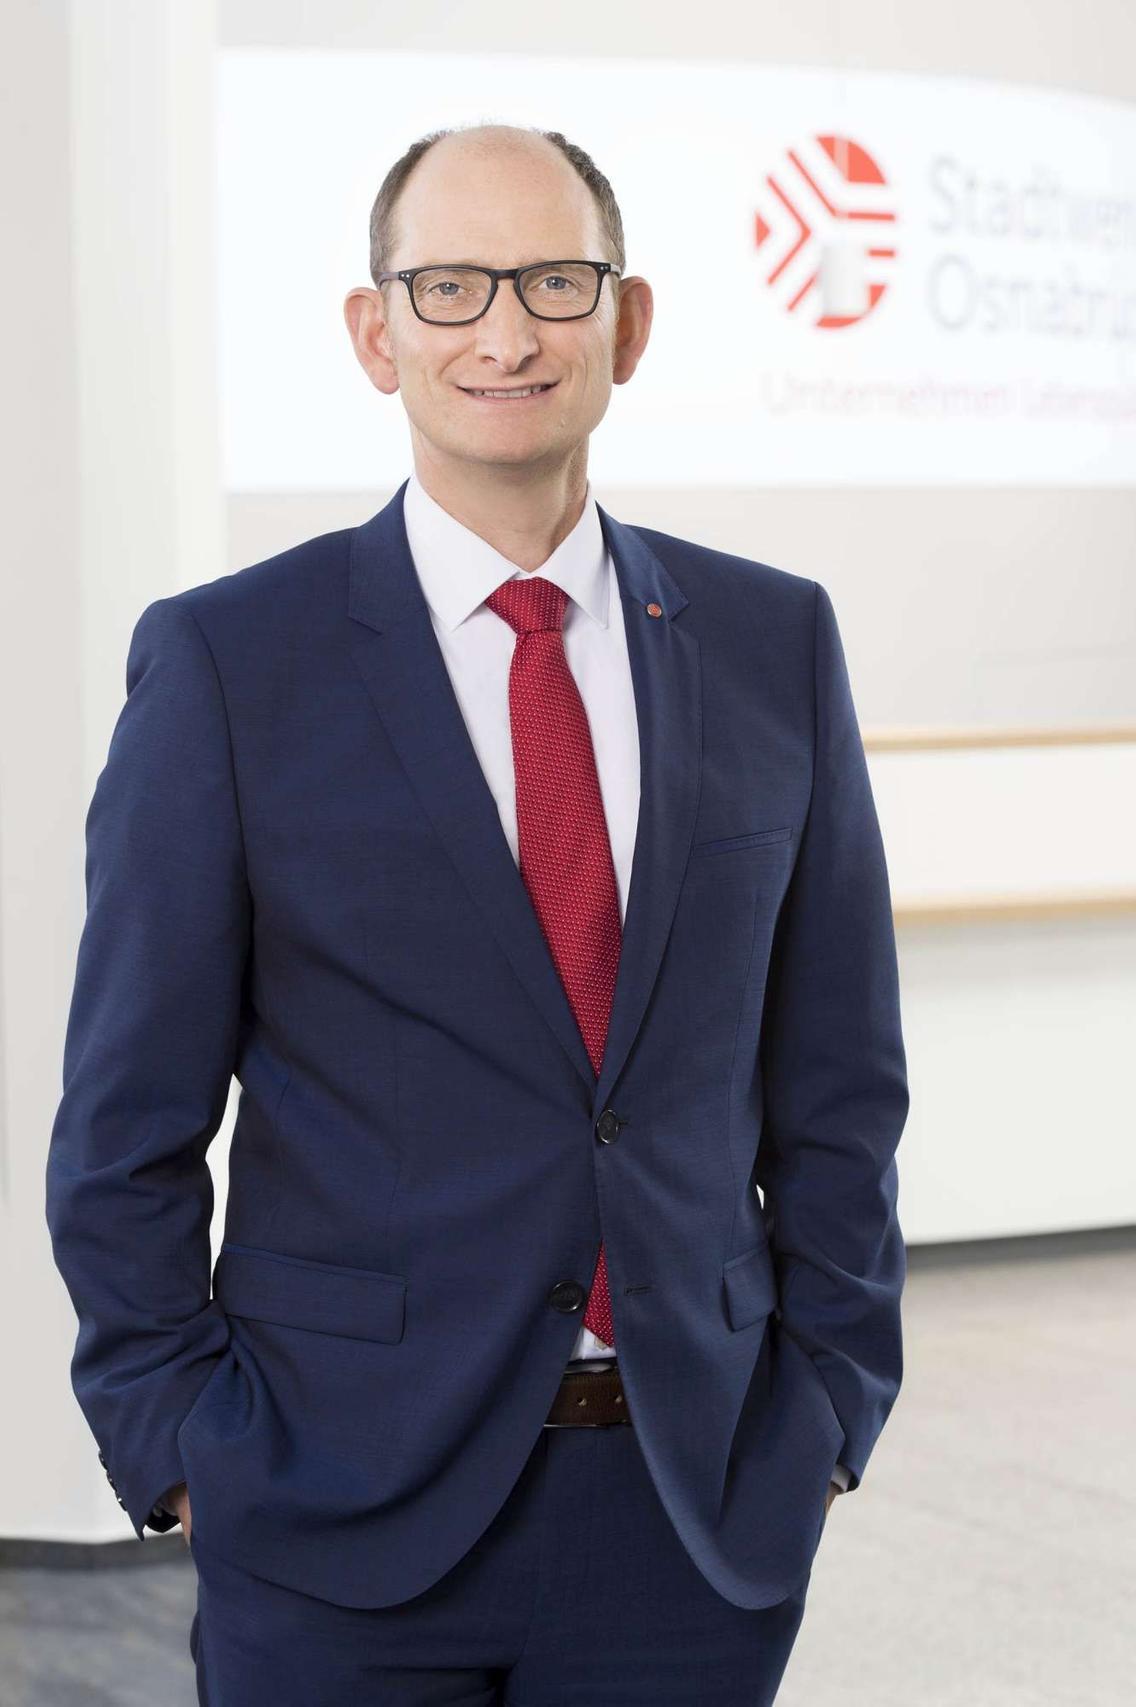 Stadtwerke Vorstandsvorsitzender Christoph Hüls